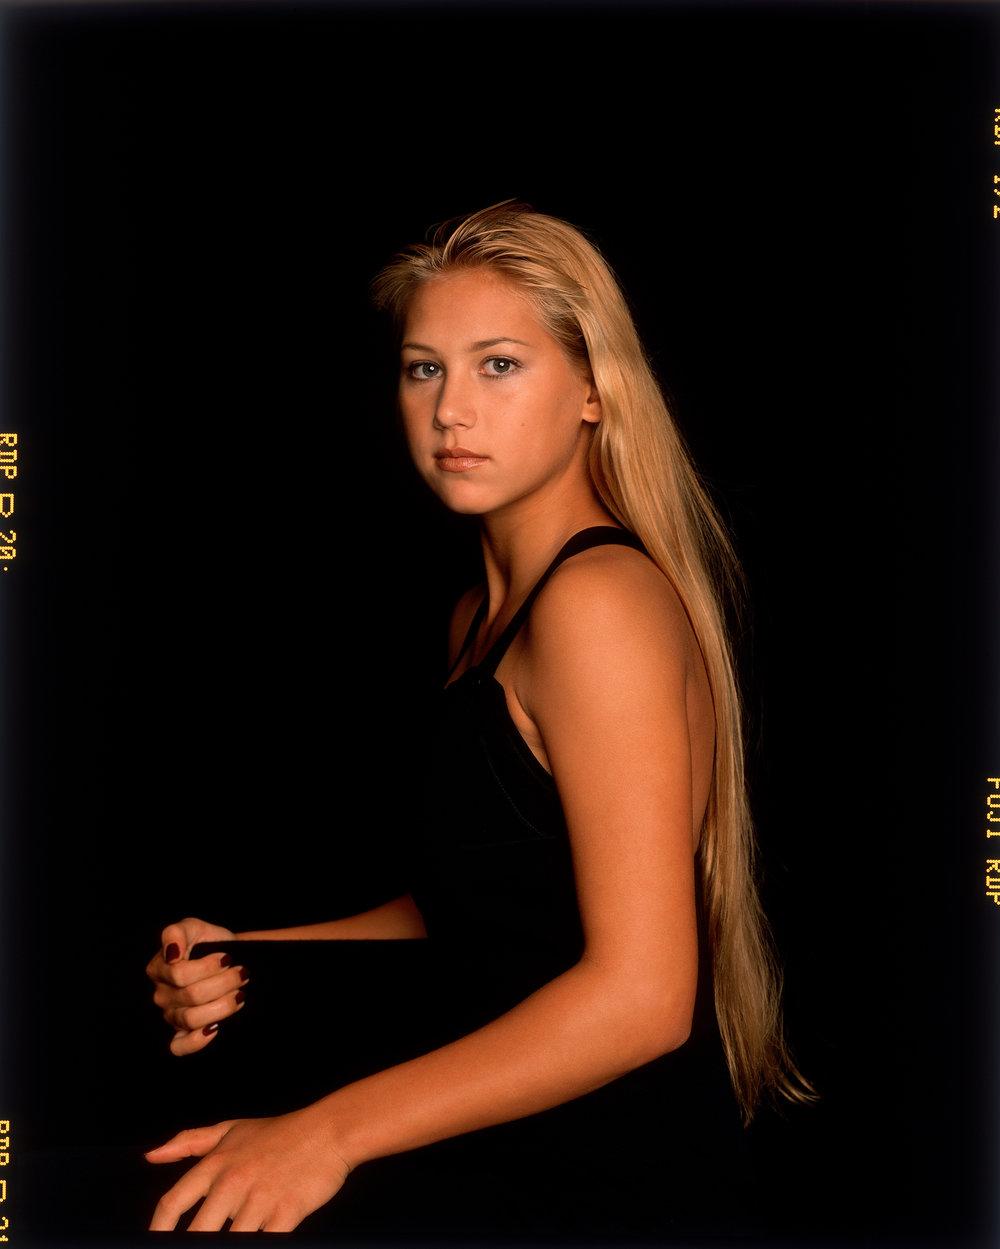 Anna Kournikova, 1997